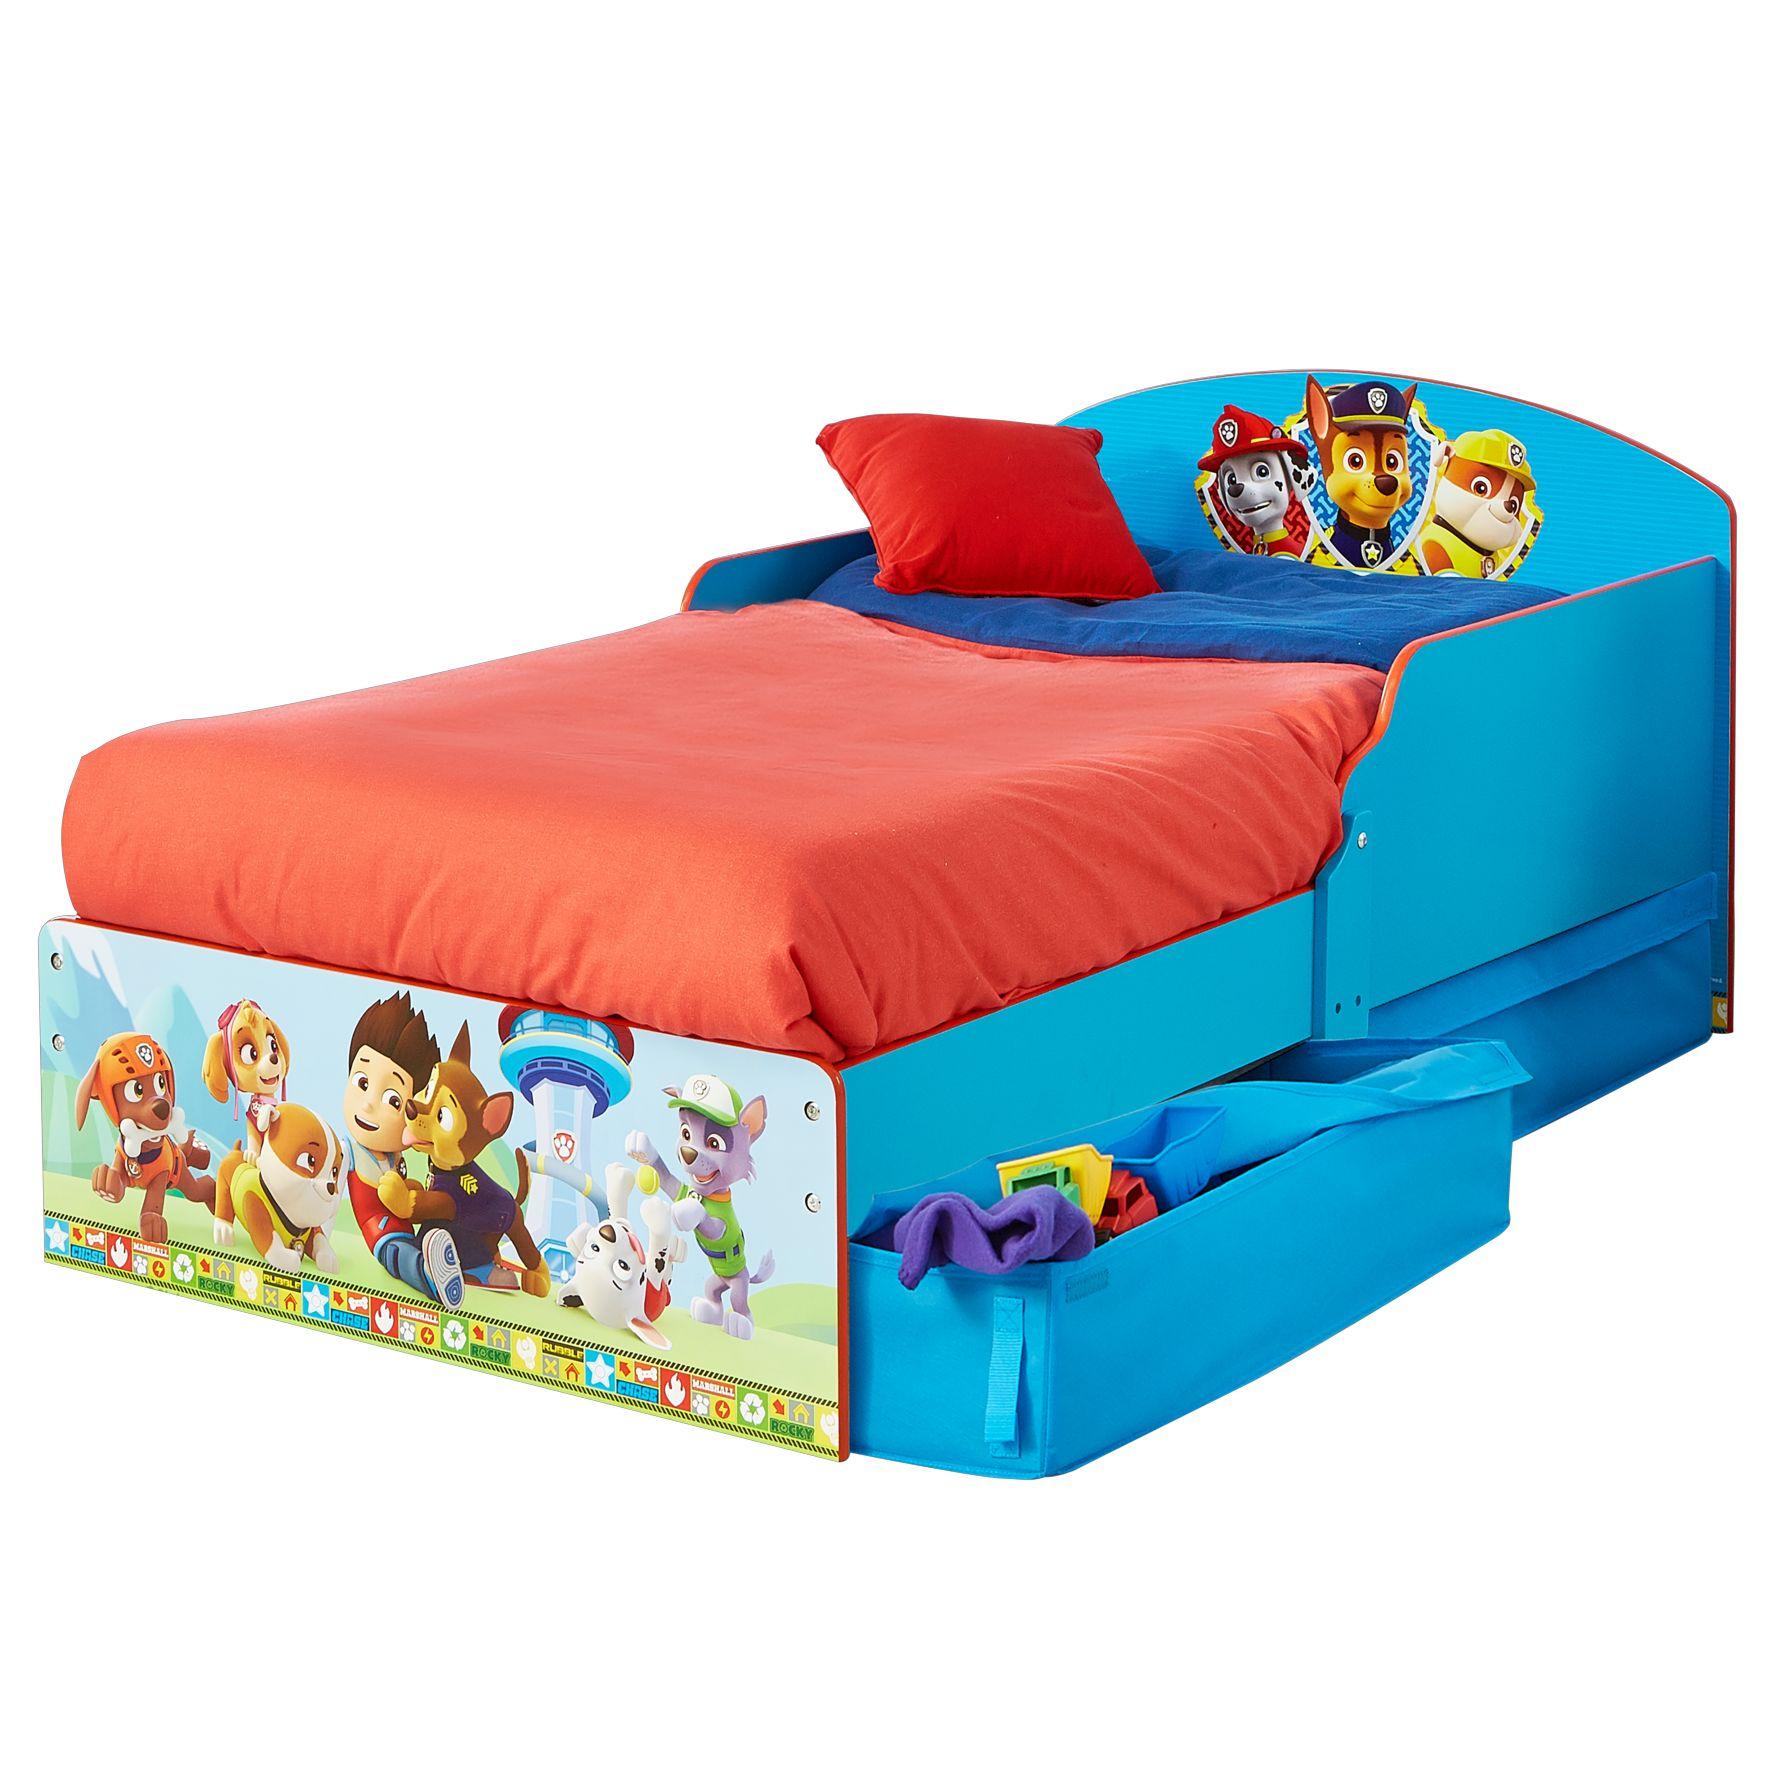 Paw Patrol - Kids Toddler Bed with Storage (516PWP01EM)